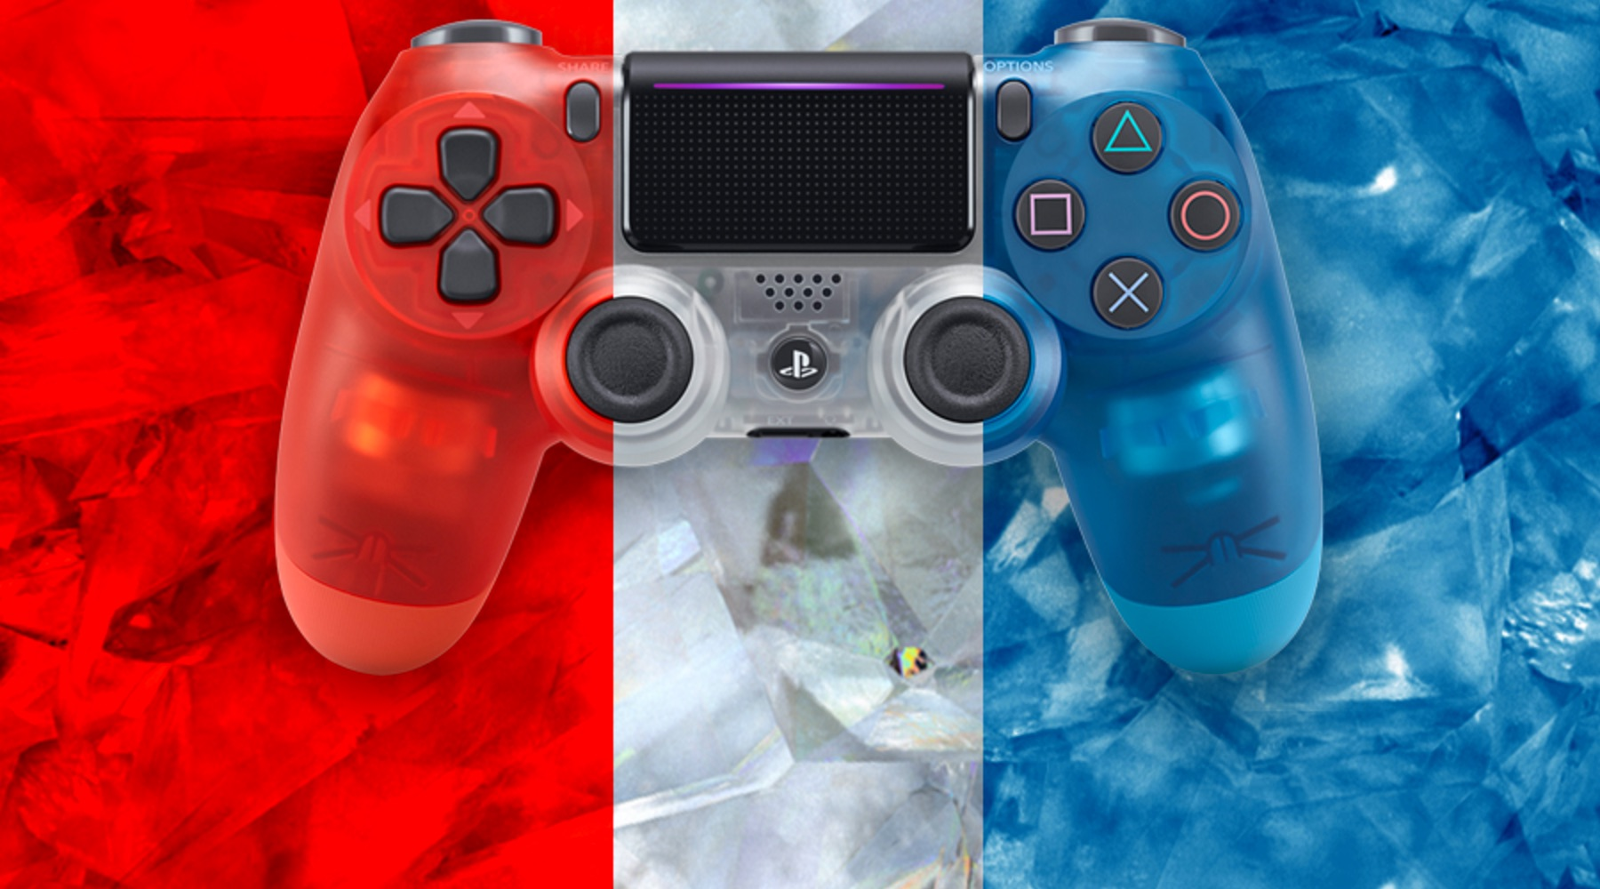 aff crystal dualshock 4 playstation Playstation 4 Sony